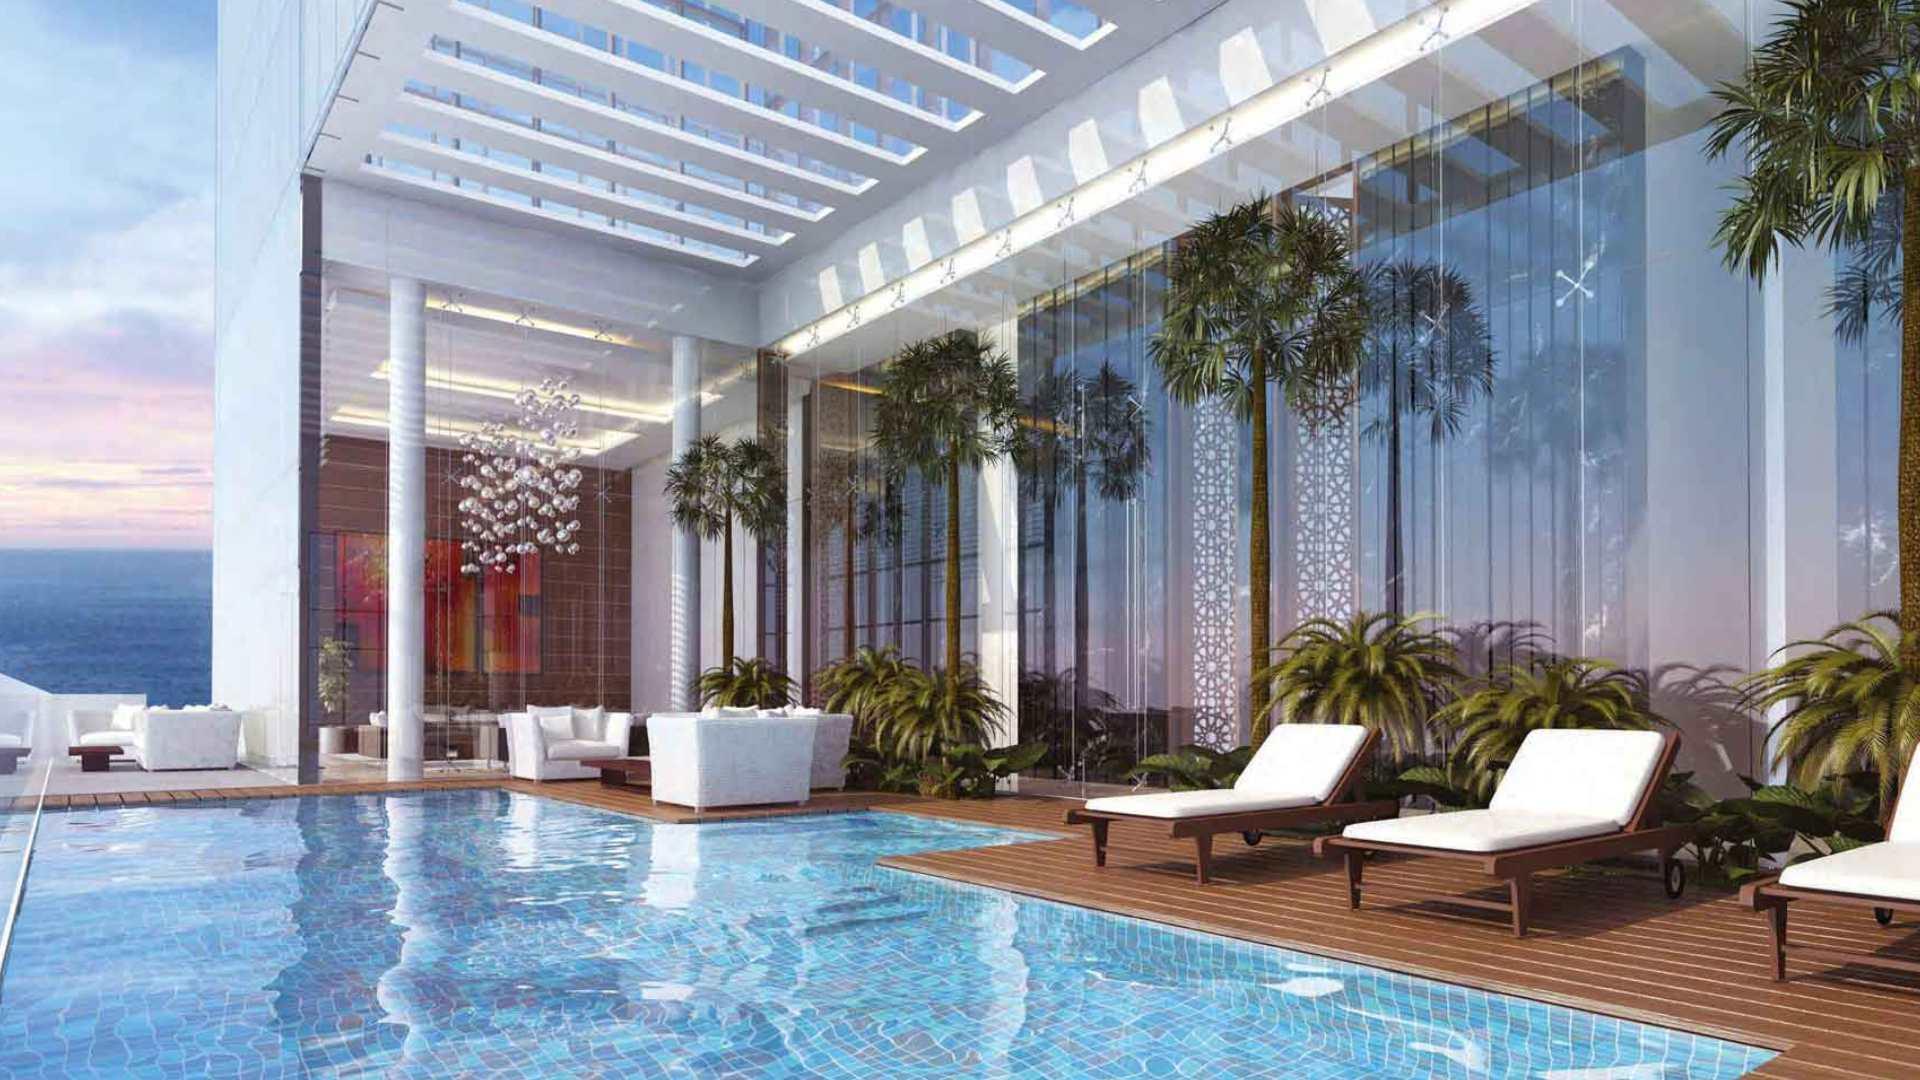 Ático en venta en Dubai, EAU, 6 dormitorios, 877 m2, № 24387 – foto 5